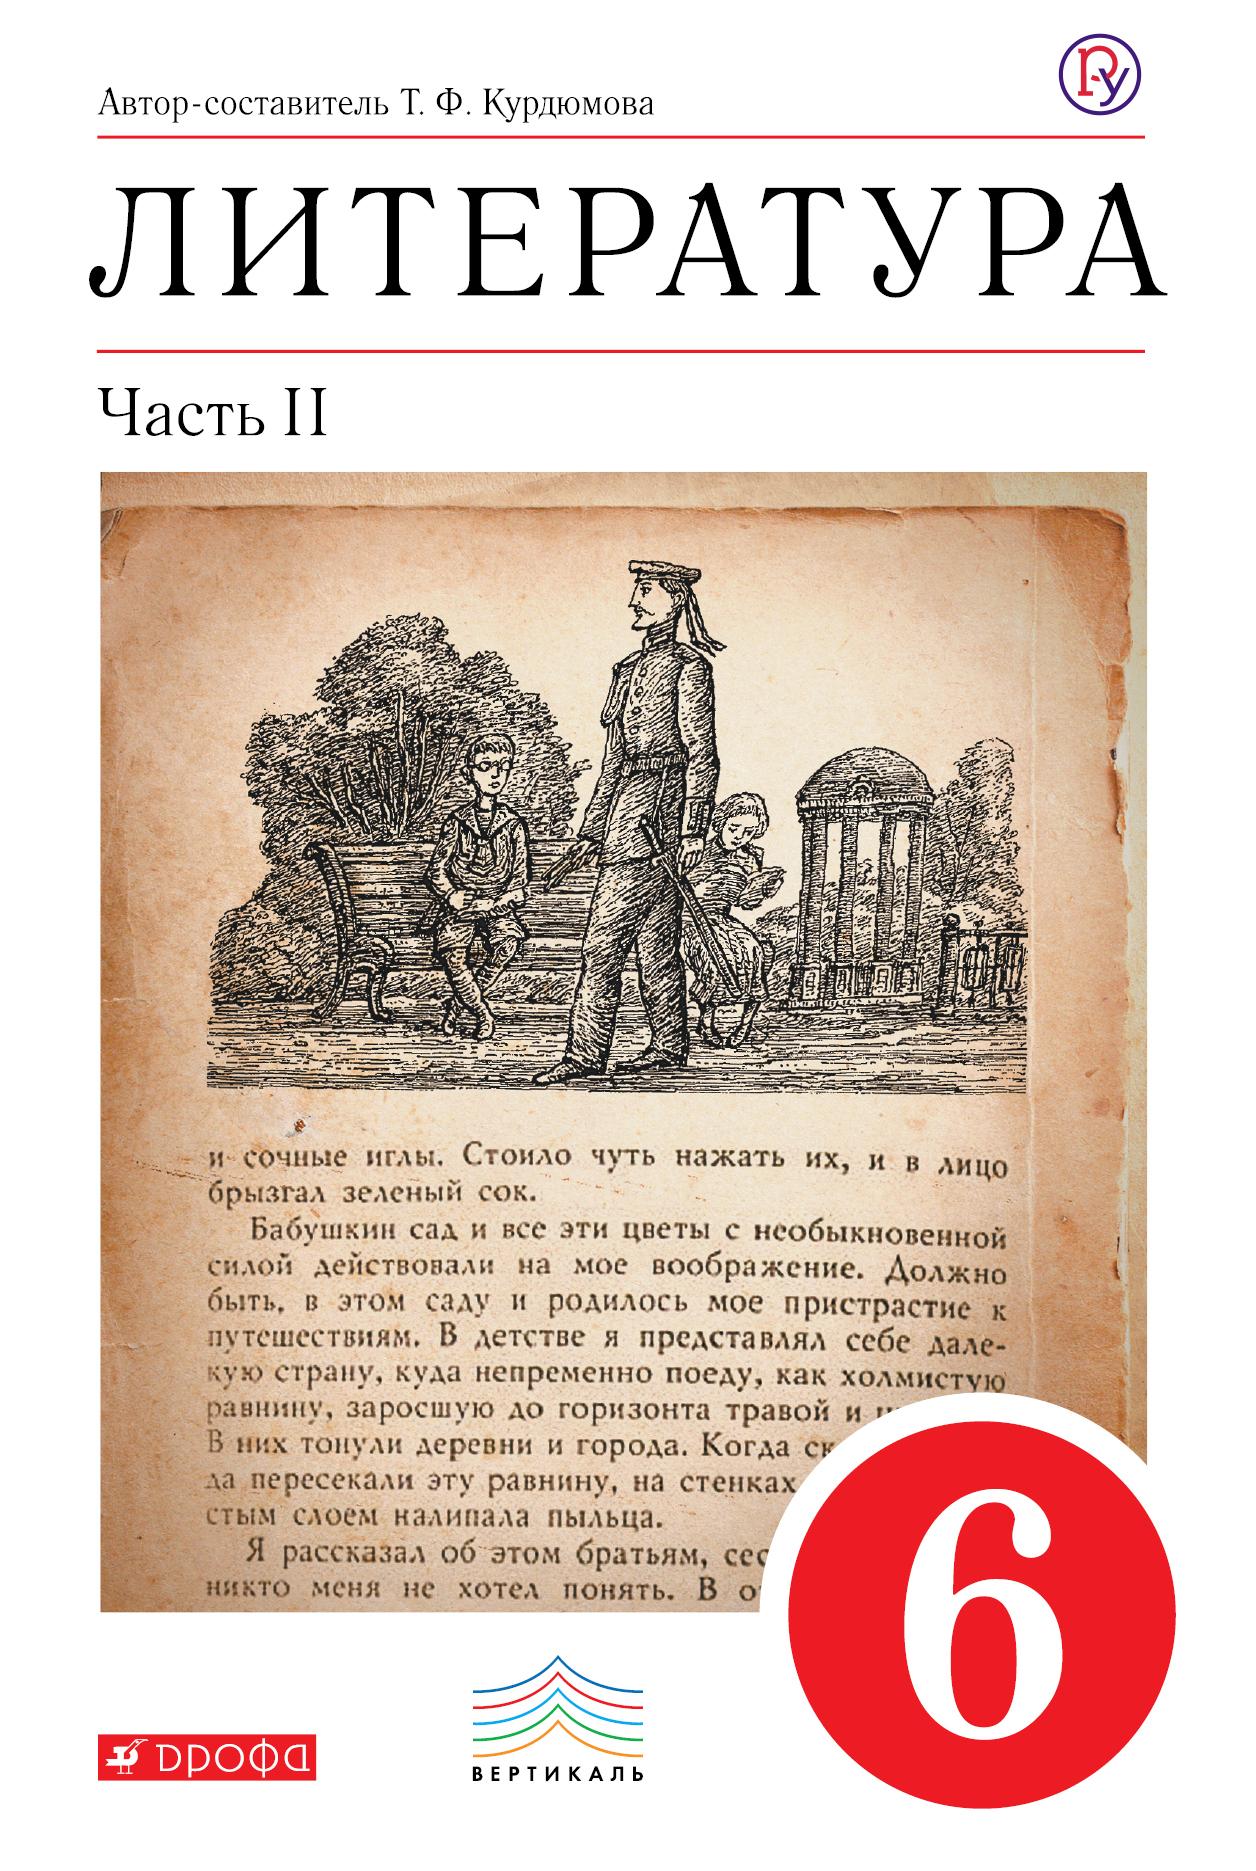 Курдюмова Т.Ф. Литература. 6 класс. Учебник-хрестоматия. Часть 2